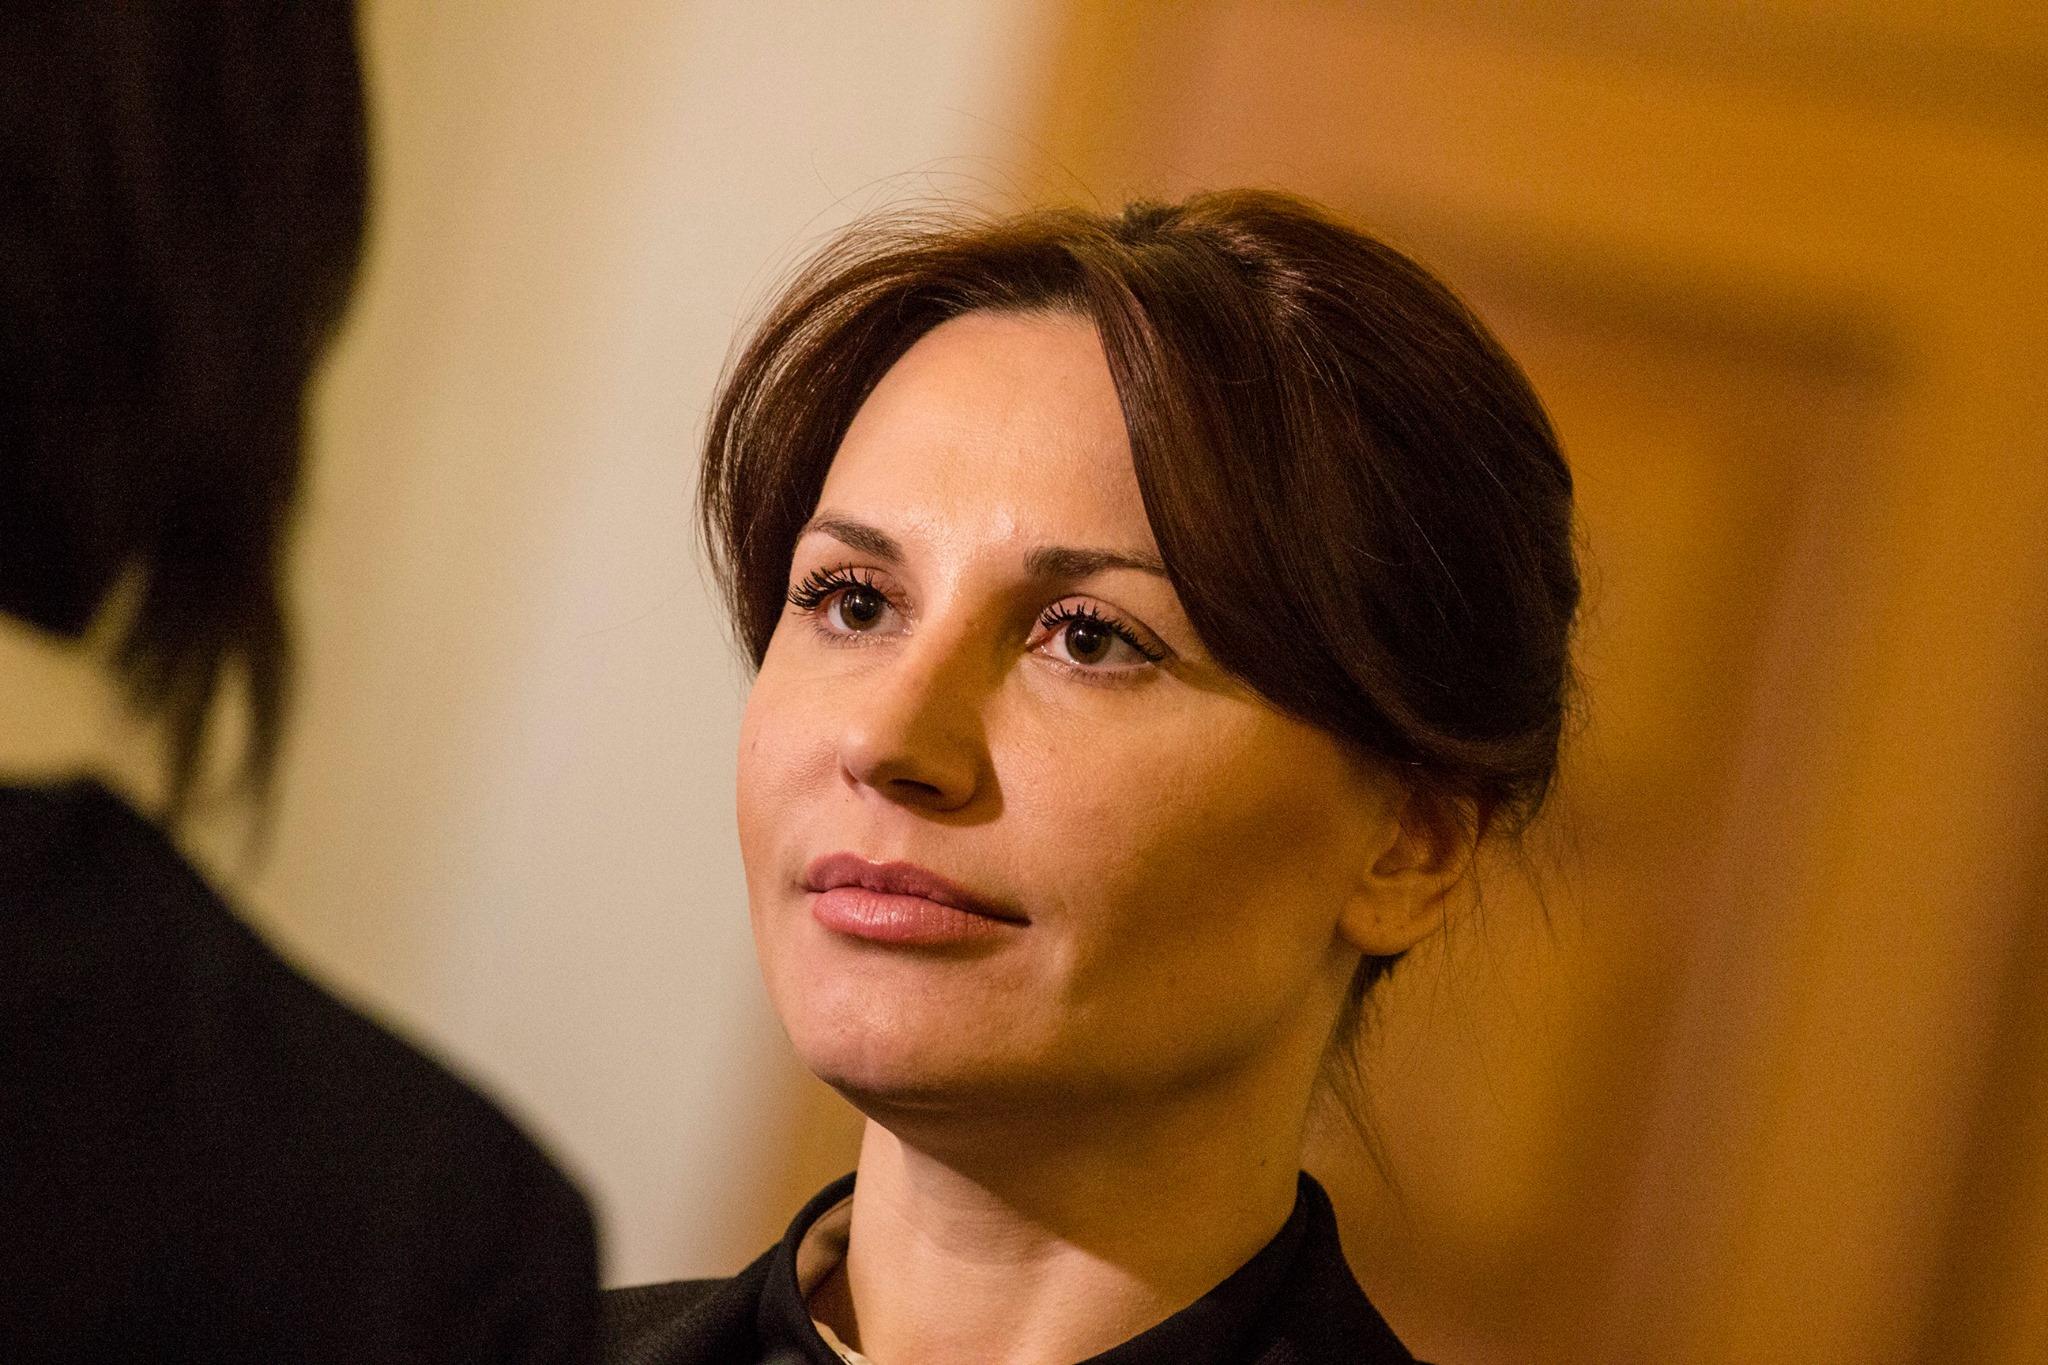 О кампании «Врач для каждой семьи» Realist поговорил с заместителем главы комитета Верховной Рады по вопросам здравоохранения Ириной Сысоенко